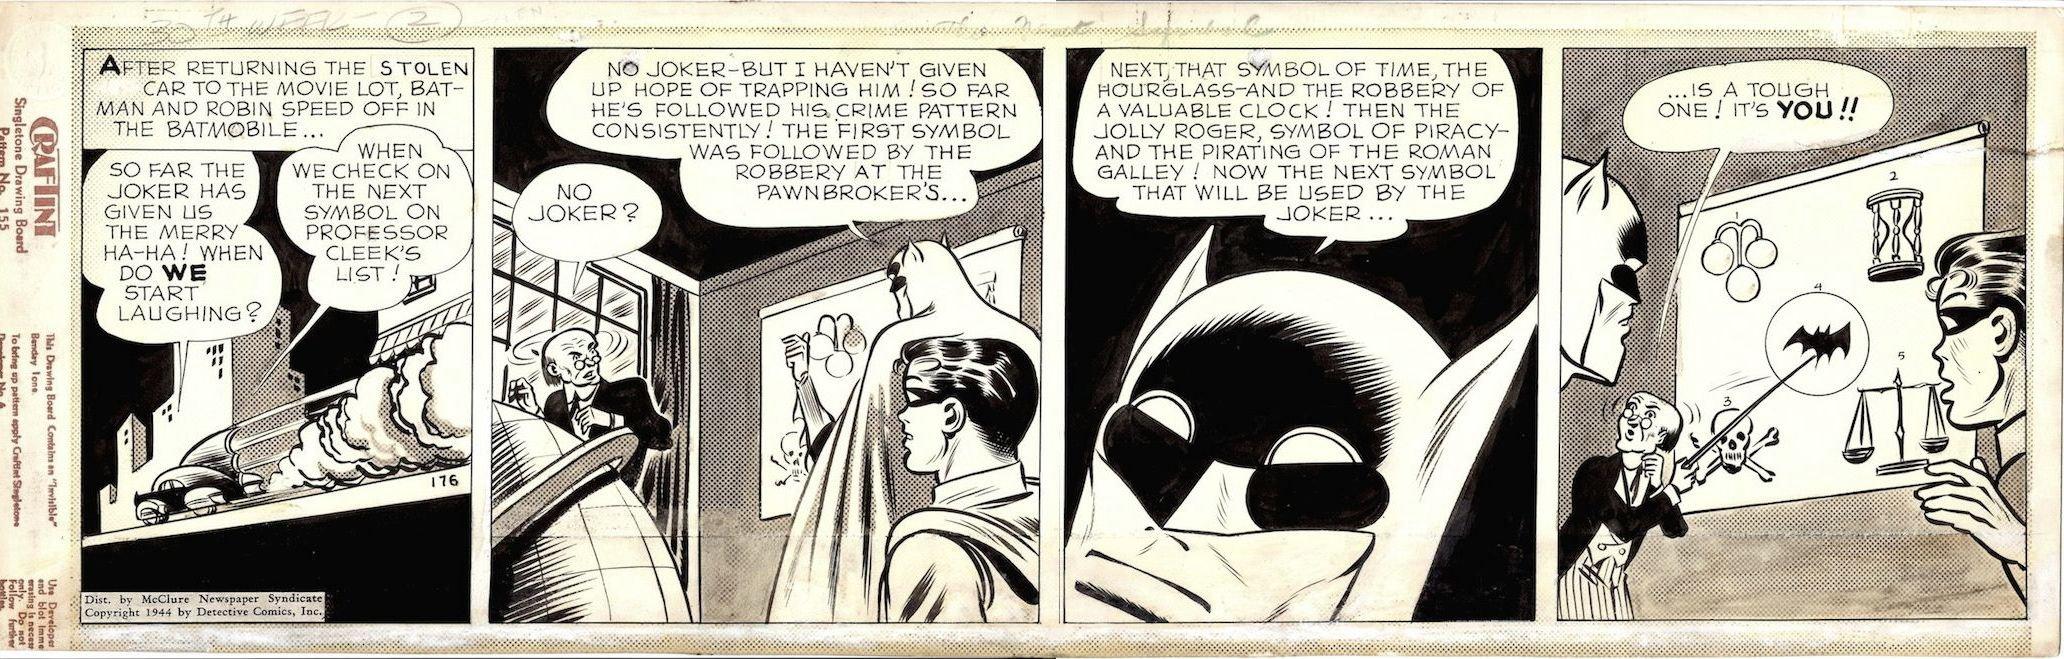 KANE, BOB / CHARLES PARIS - Batman daily 1944, Batman